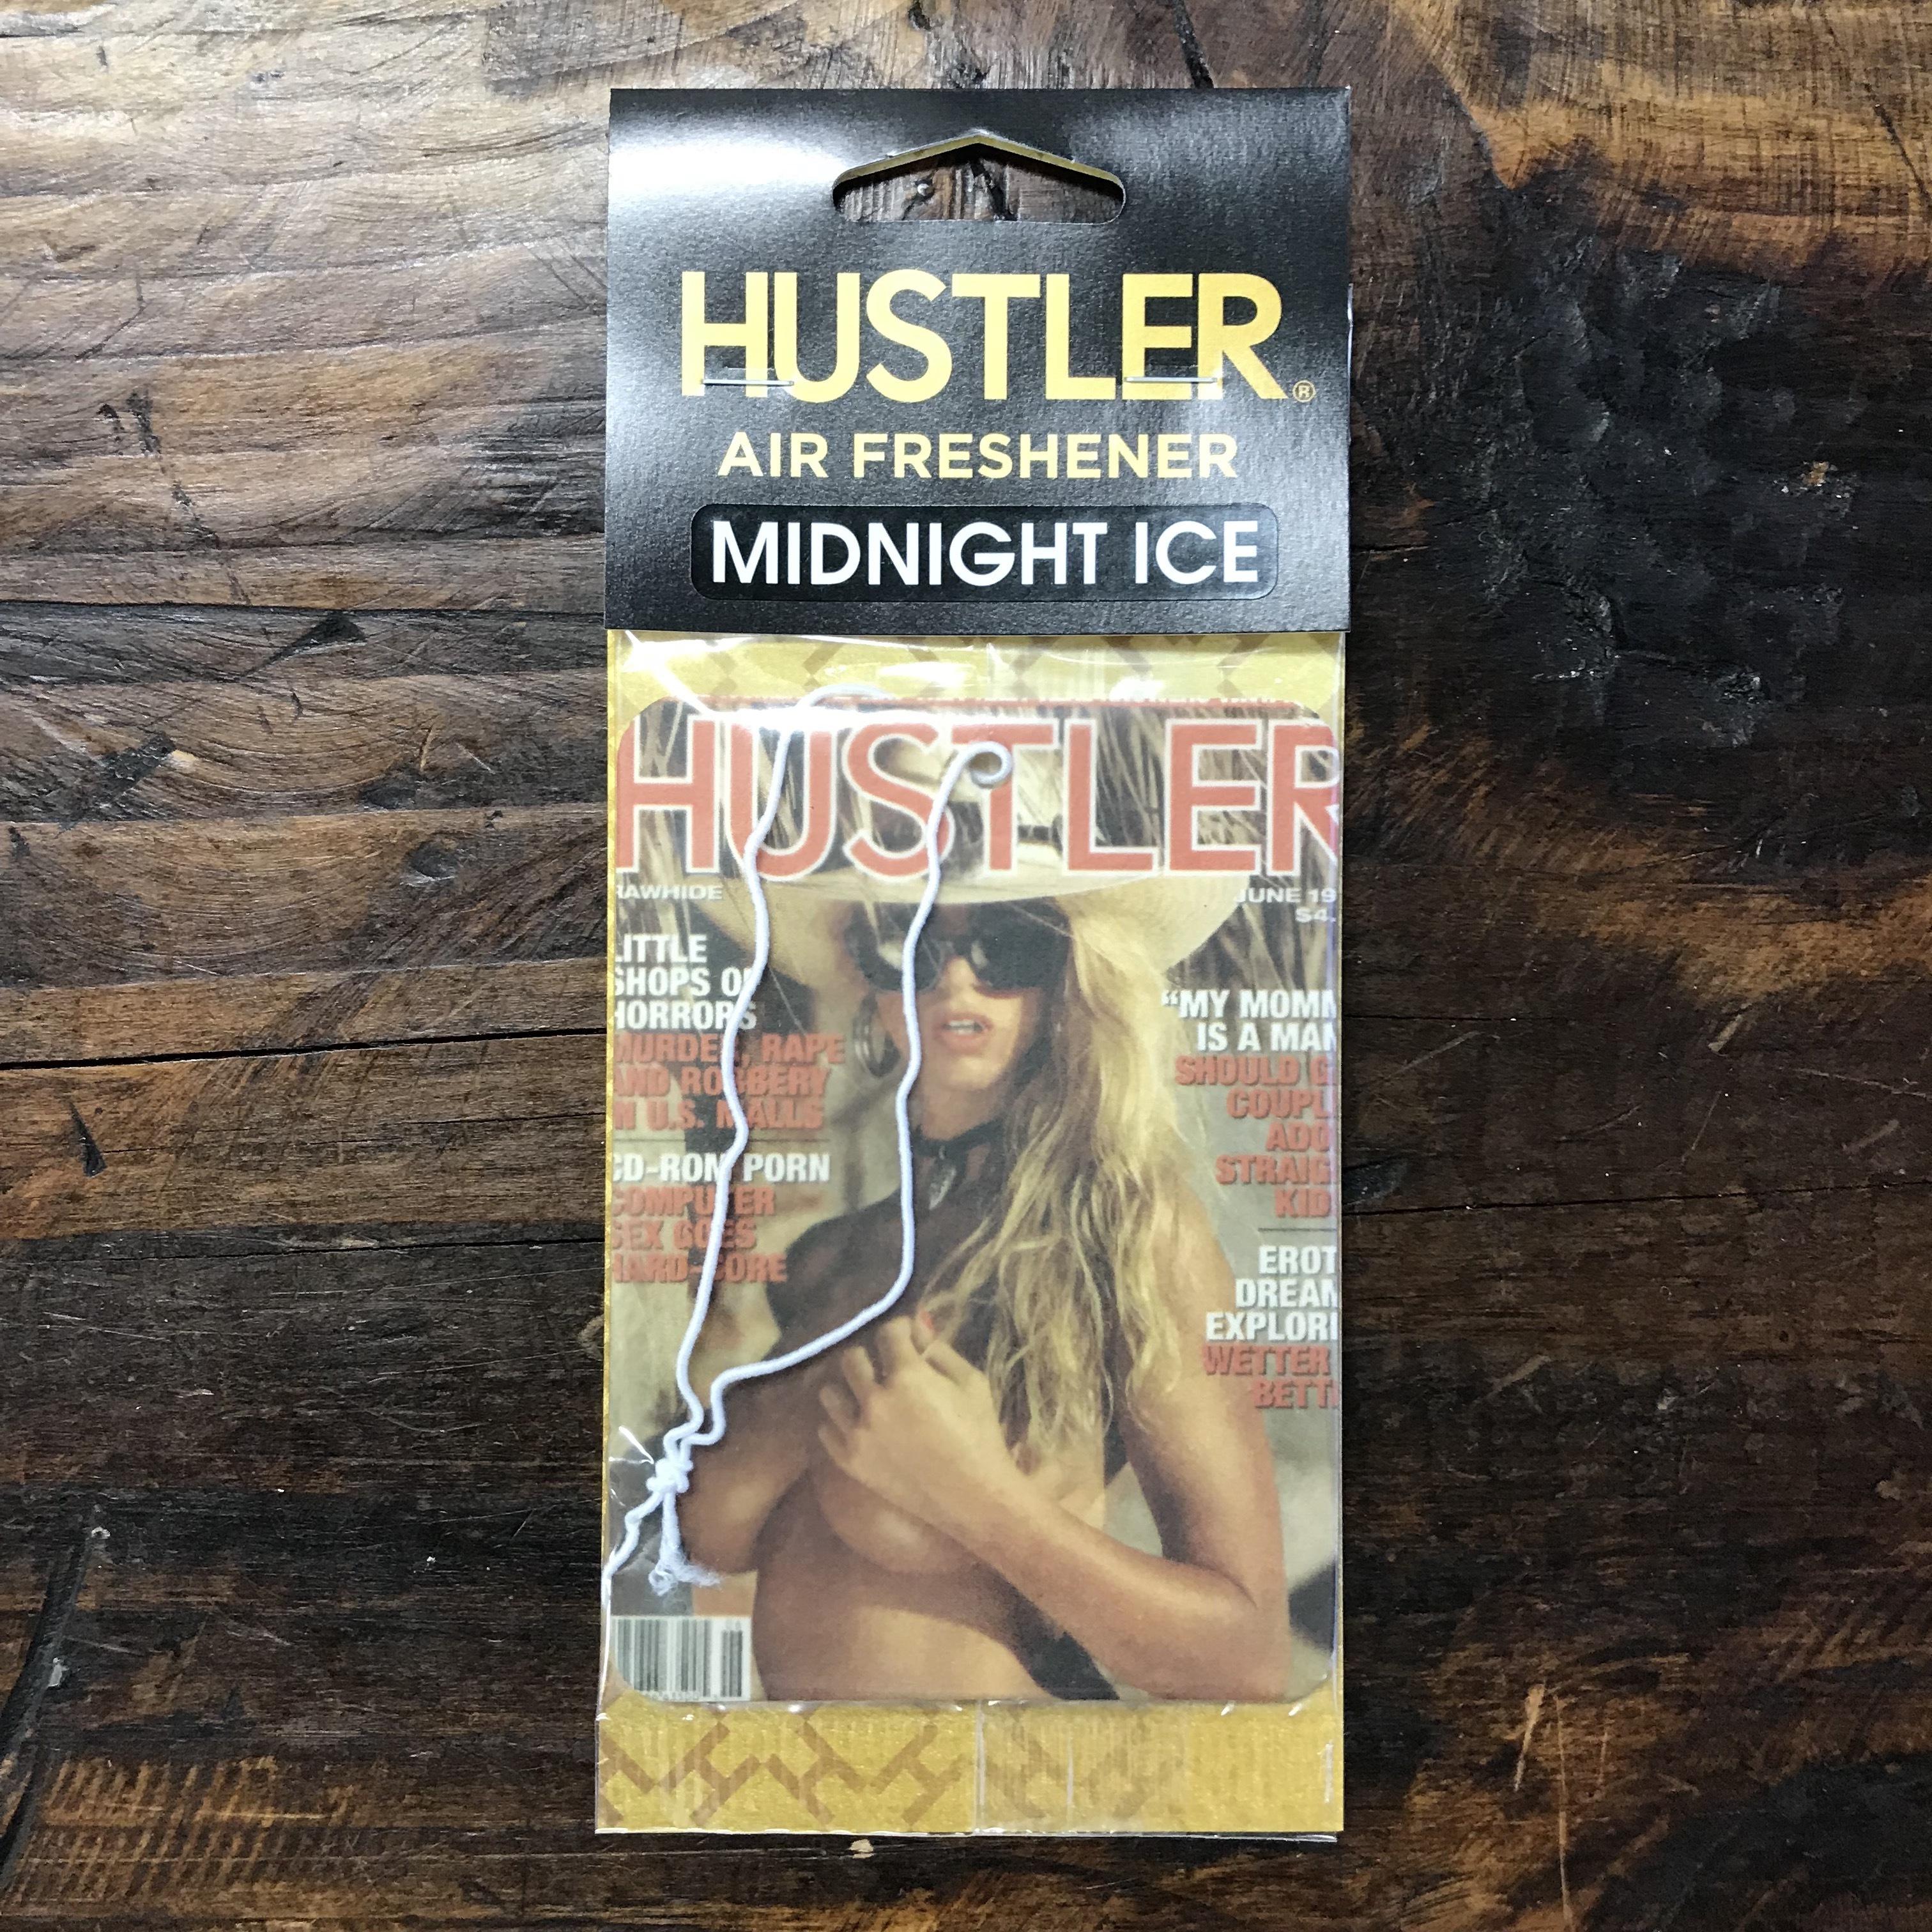 HUSTLER・セクシーガールエアフレッシュナー・ミッドナイトアイス(ブラックアイス風)・1994-06